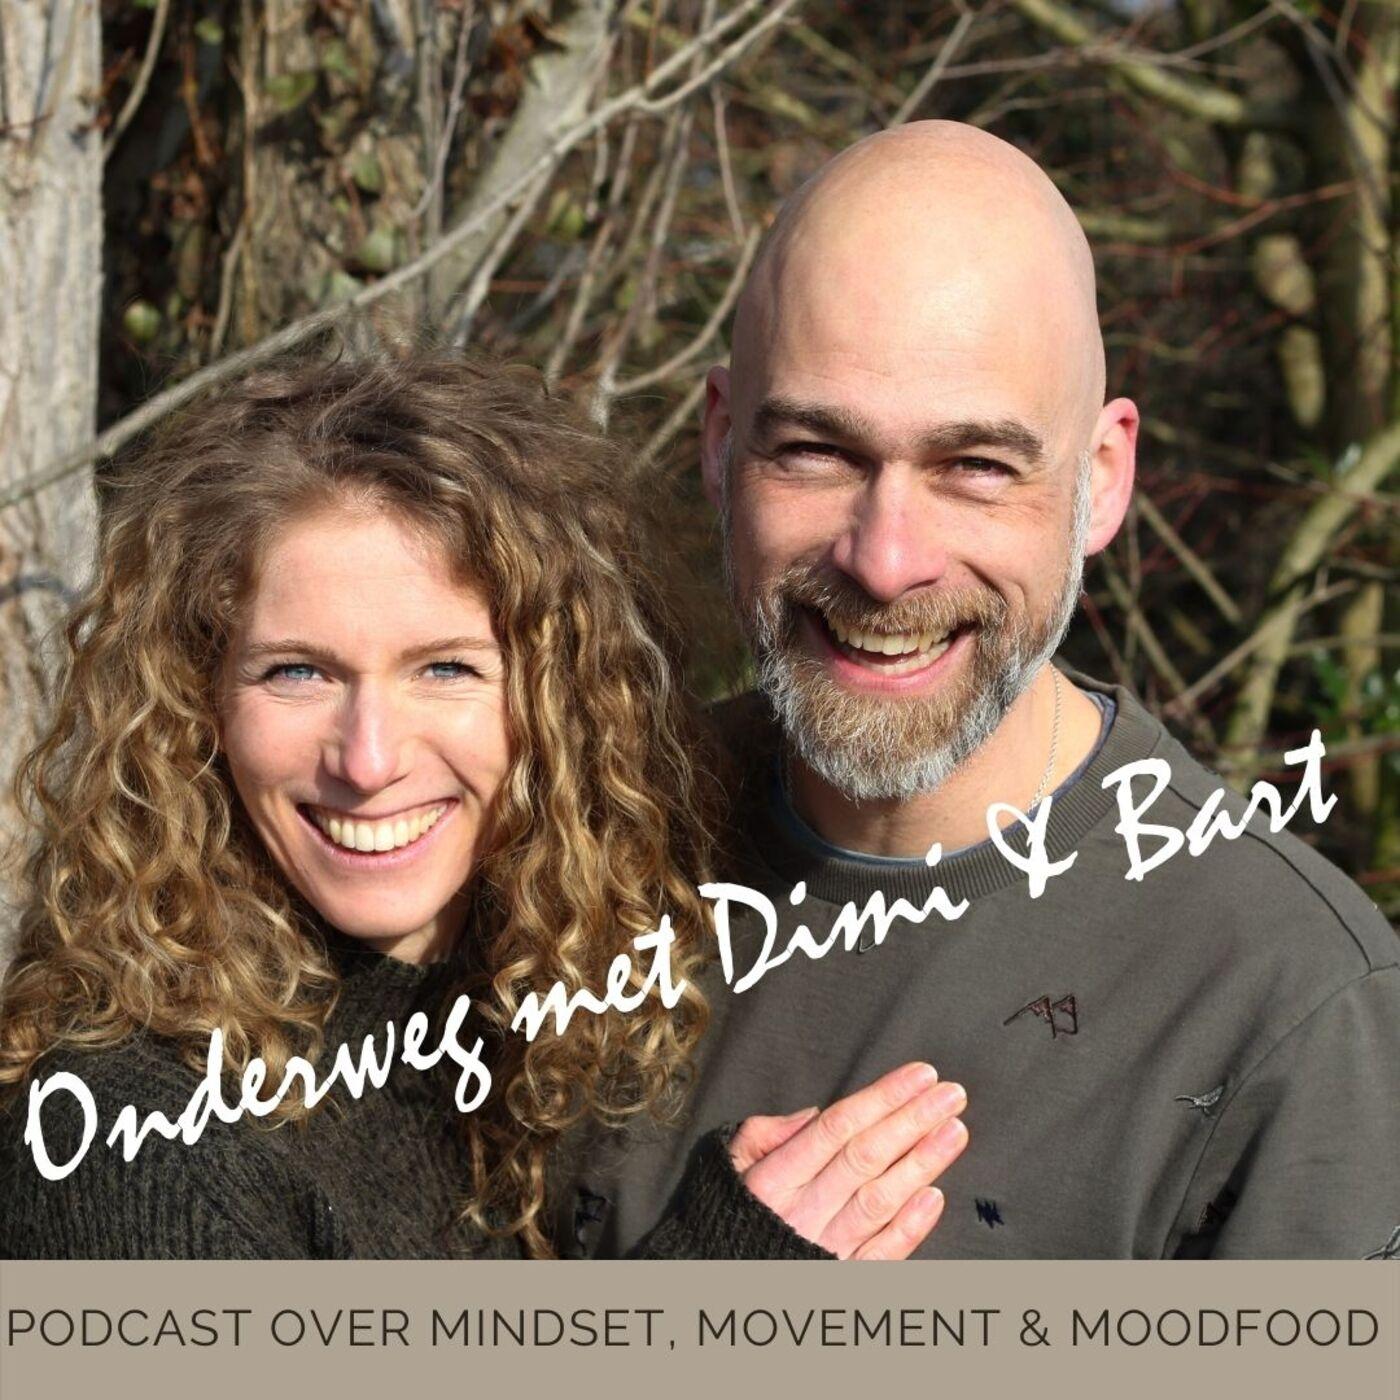 Onderweg met Dimi en Bart episode 2